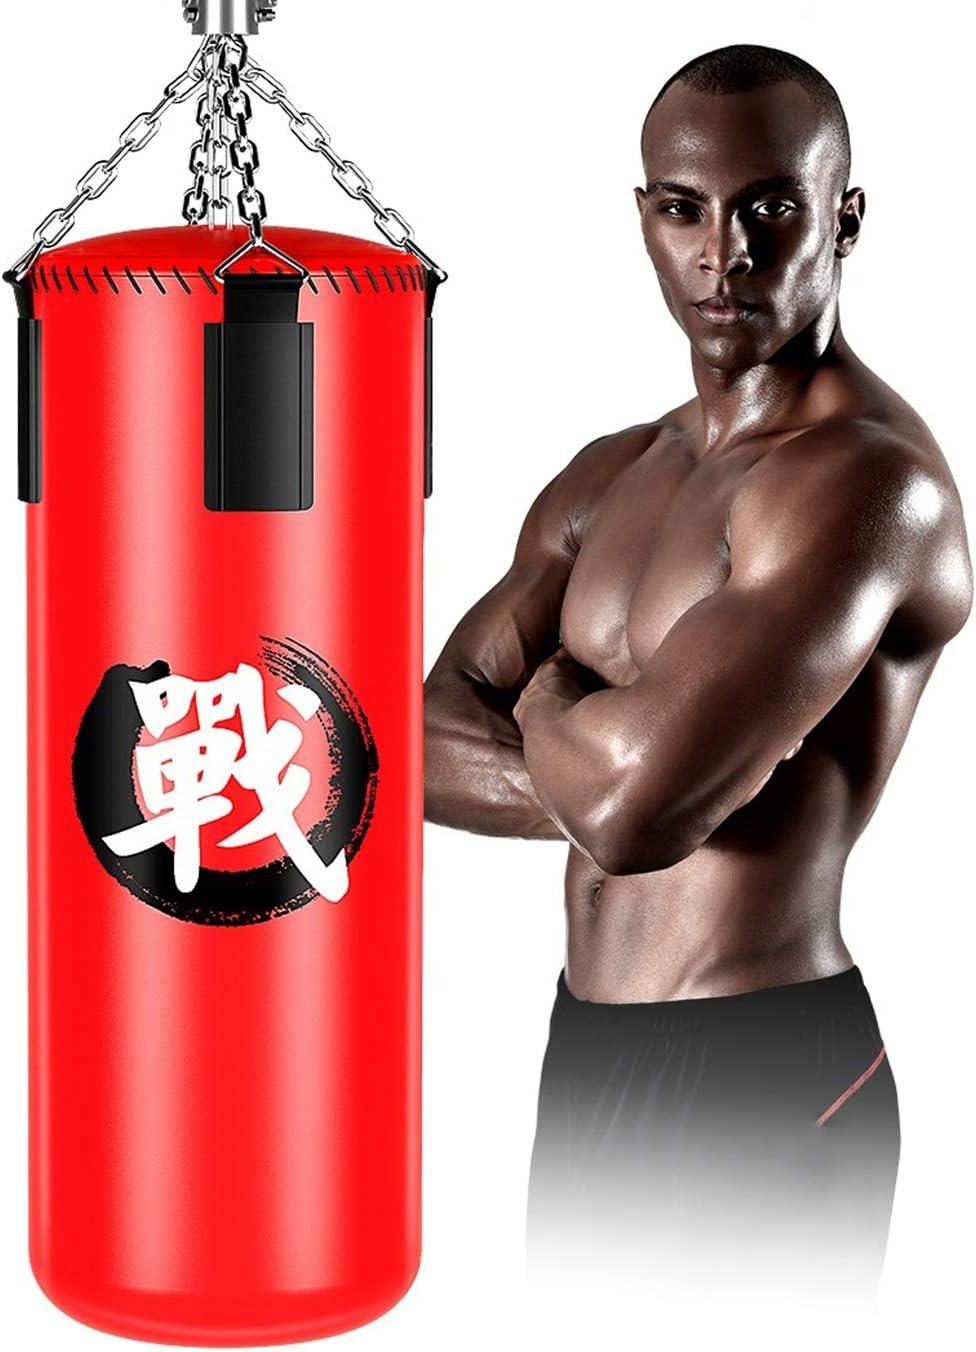 ボクシングヘビーパンチング、ティーンエイジャーと大人向けの固体サンドバッグ、チェーン付きトレーニングバッグ、三田ハンギングテコンドーMMAトレーニング39